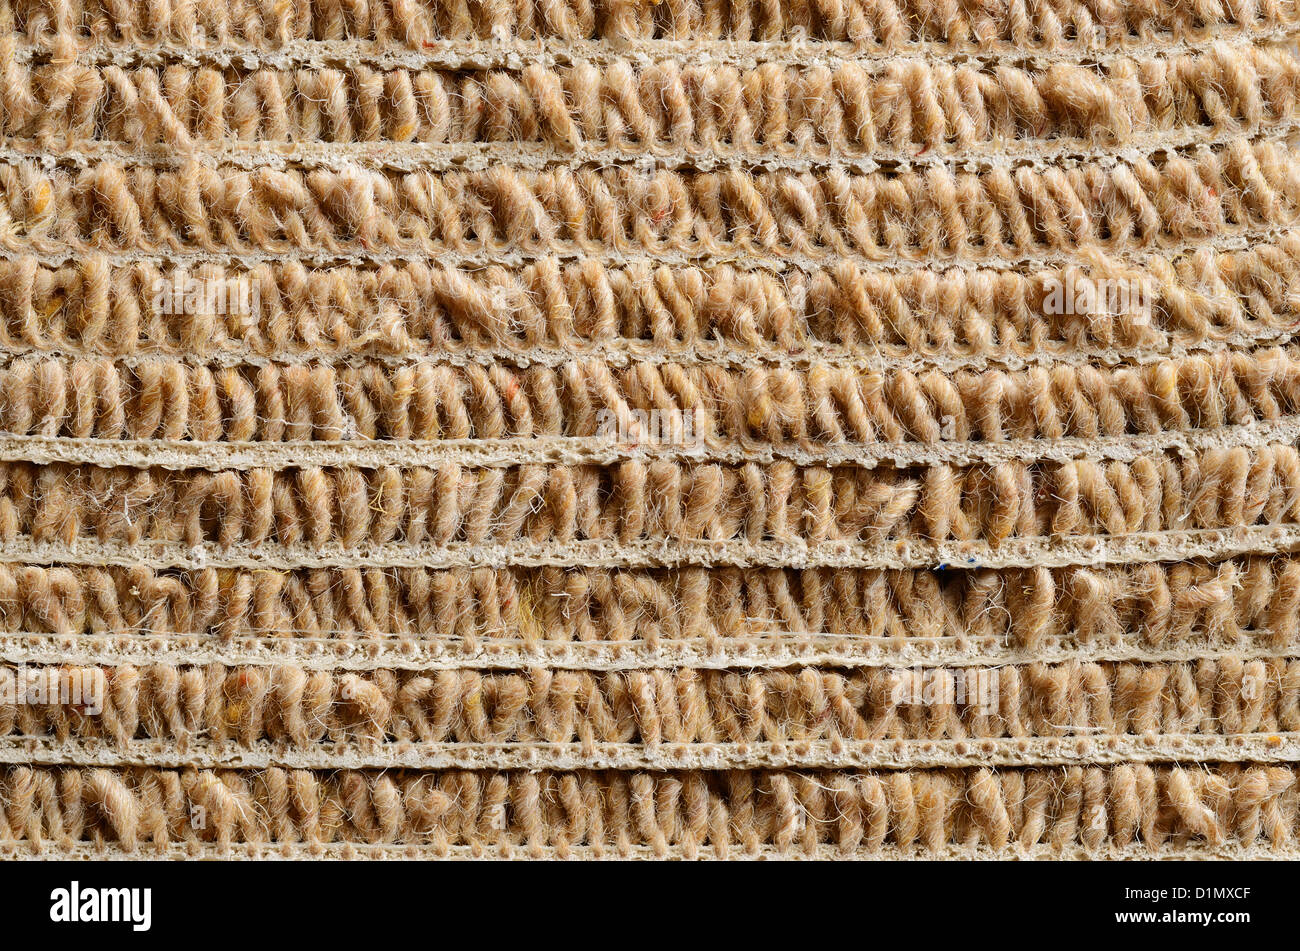 Querschnitt einer Rolle der Beige Teppich Stockbild